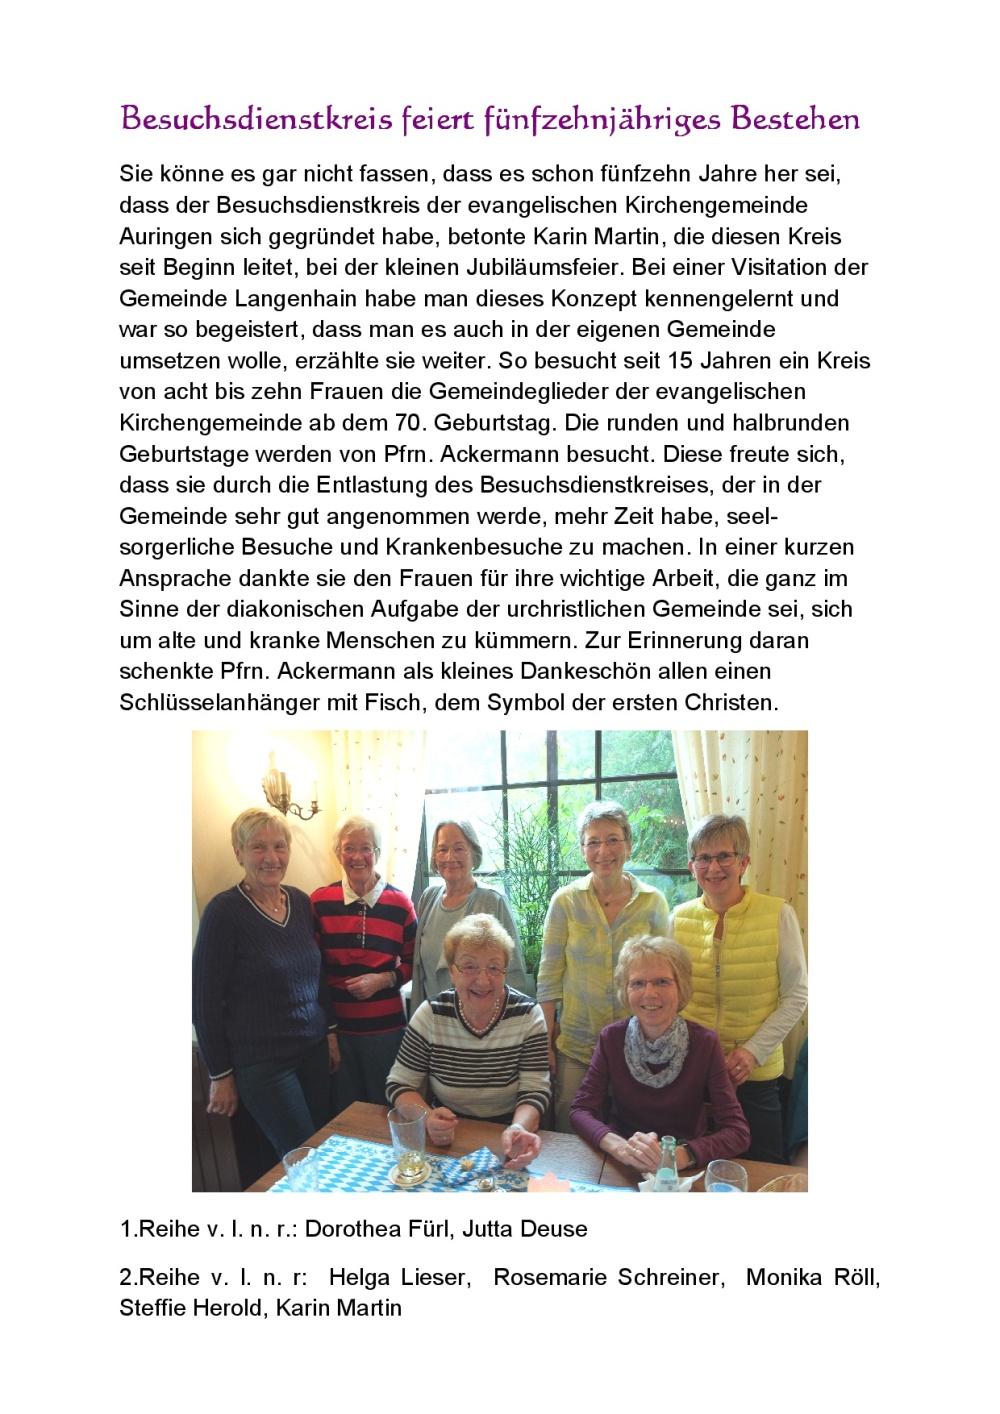 2015-09-25 15jähriges Bestehen Besuchsdienstkreis-001